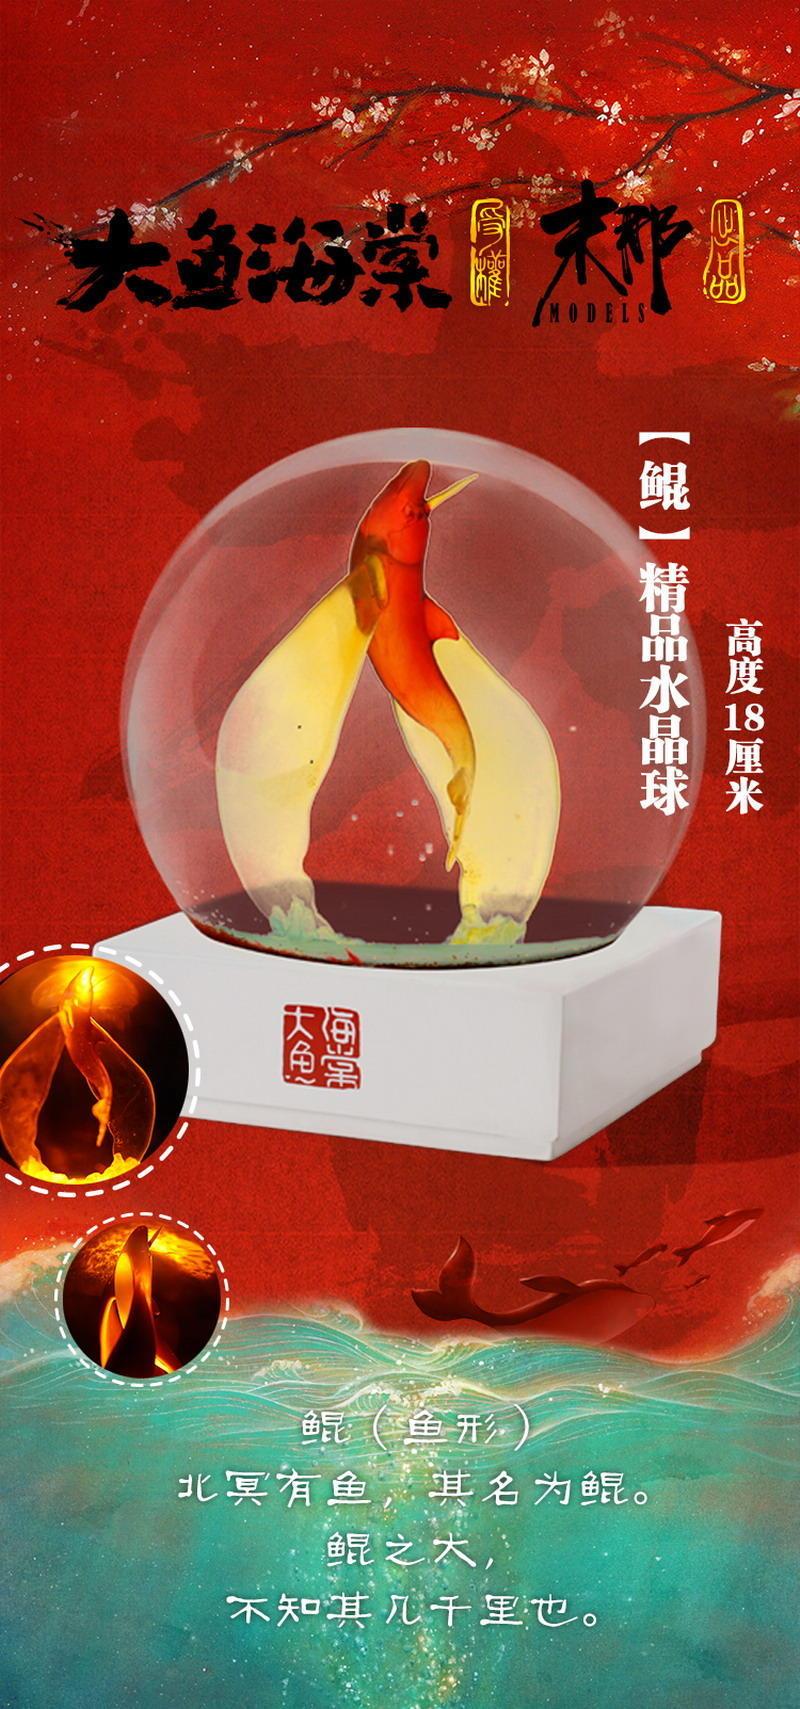 大鱼海棠-《鲲》水晶球